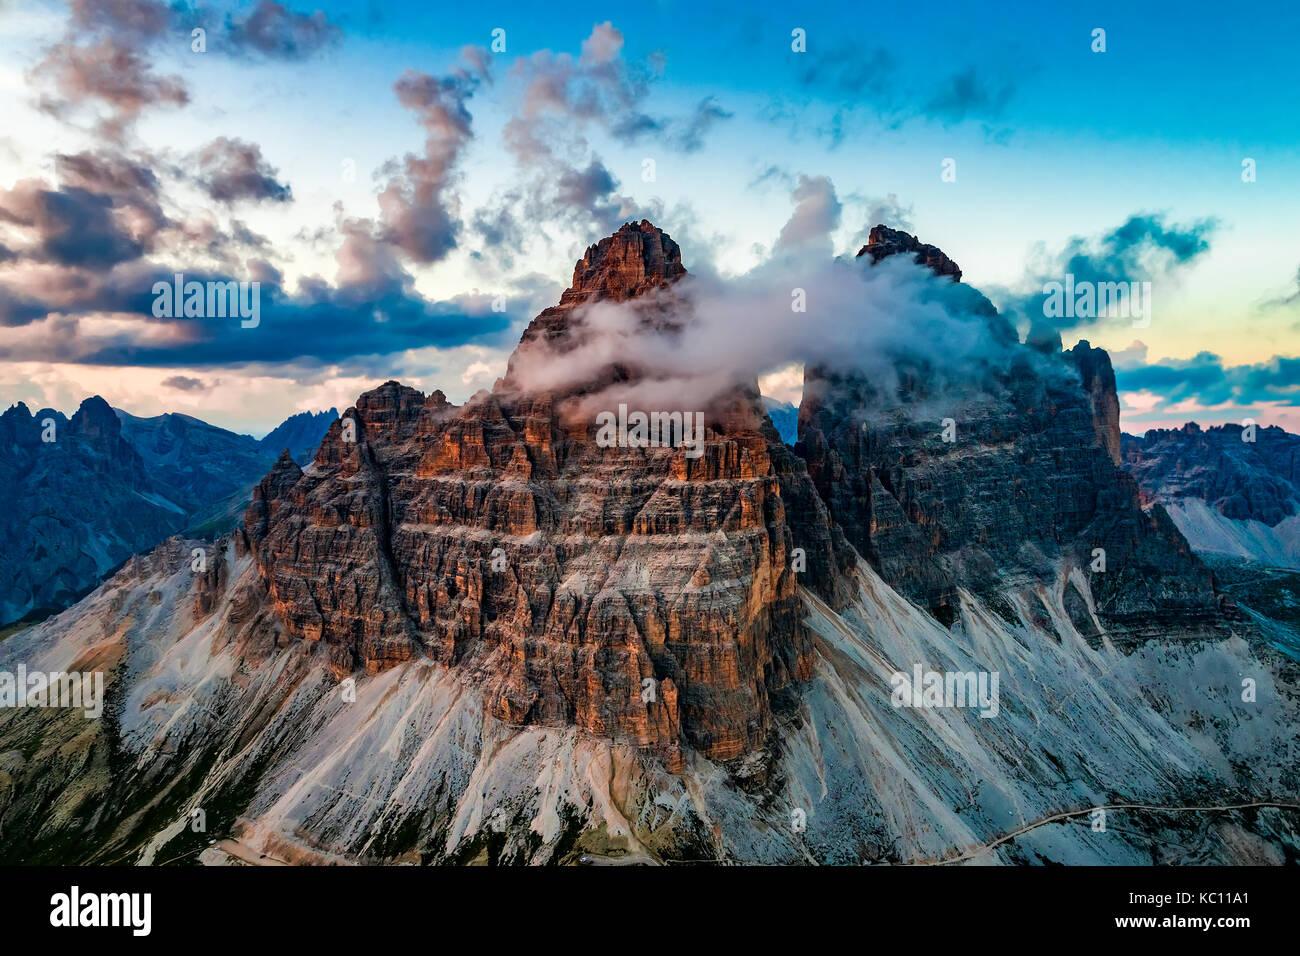 Nationalpark Drei Zinnen in den Dolomiten Alpen. Schönen natur von Italien. Stockbild